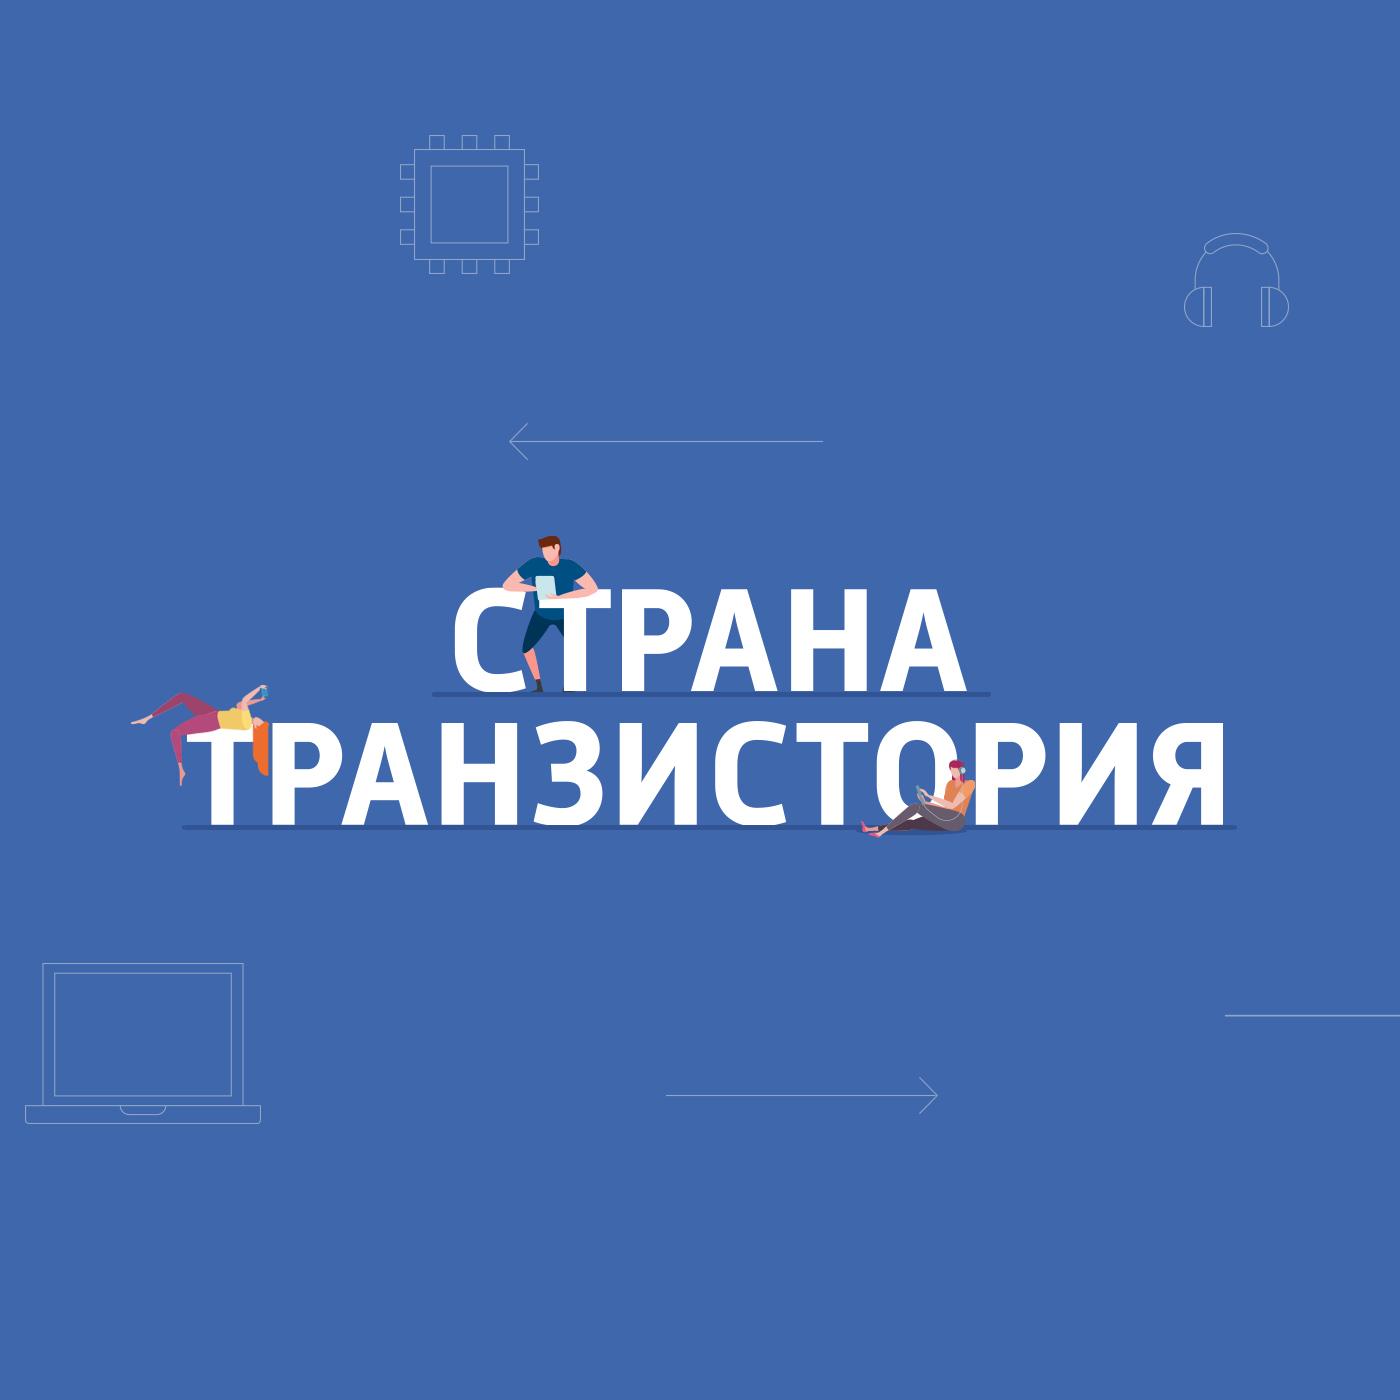 Картаев Павел Компания Sony анонсировала свой первый электромобиль